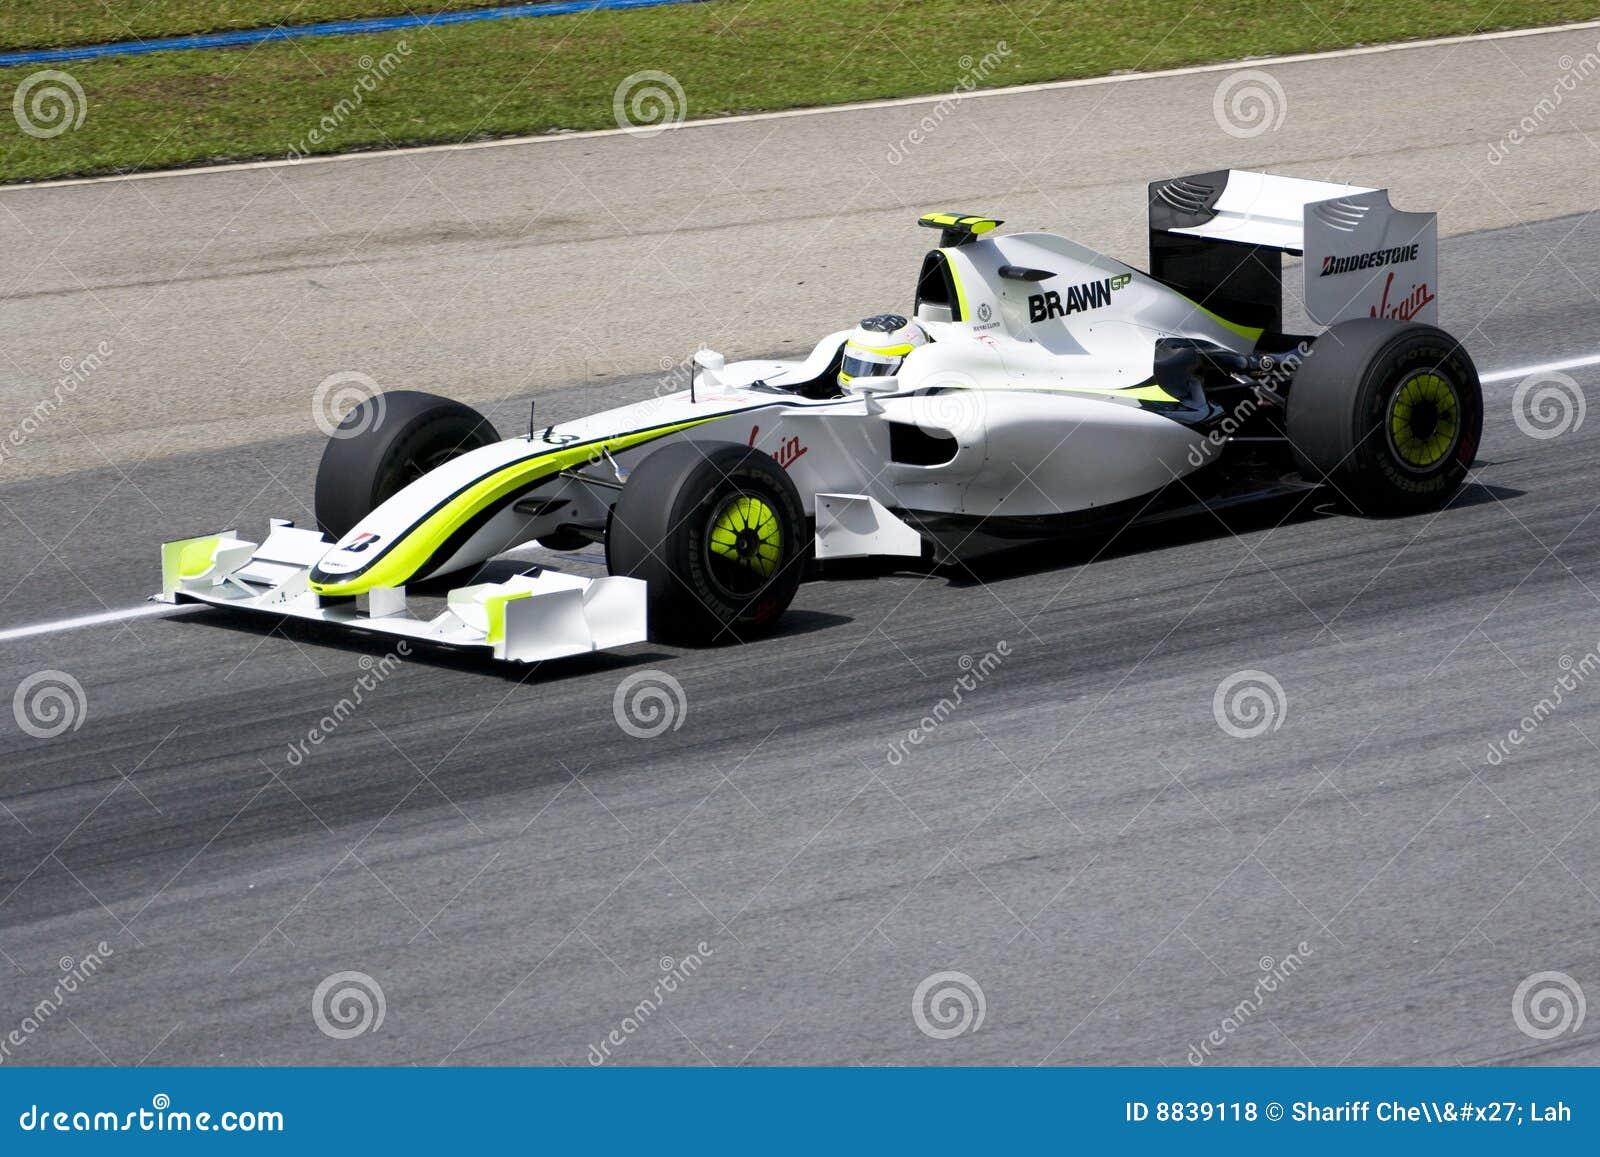 F1 que compete 2009 - Rubens Barrichello (GP do Brawn)